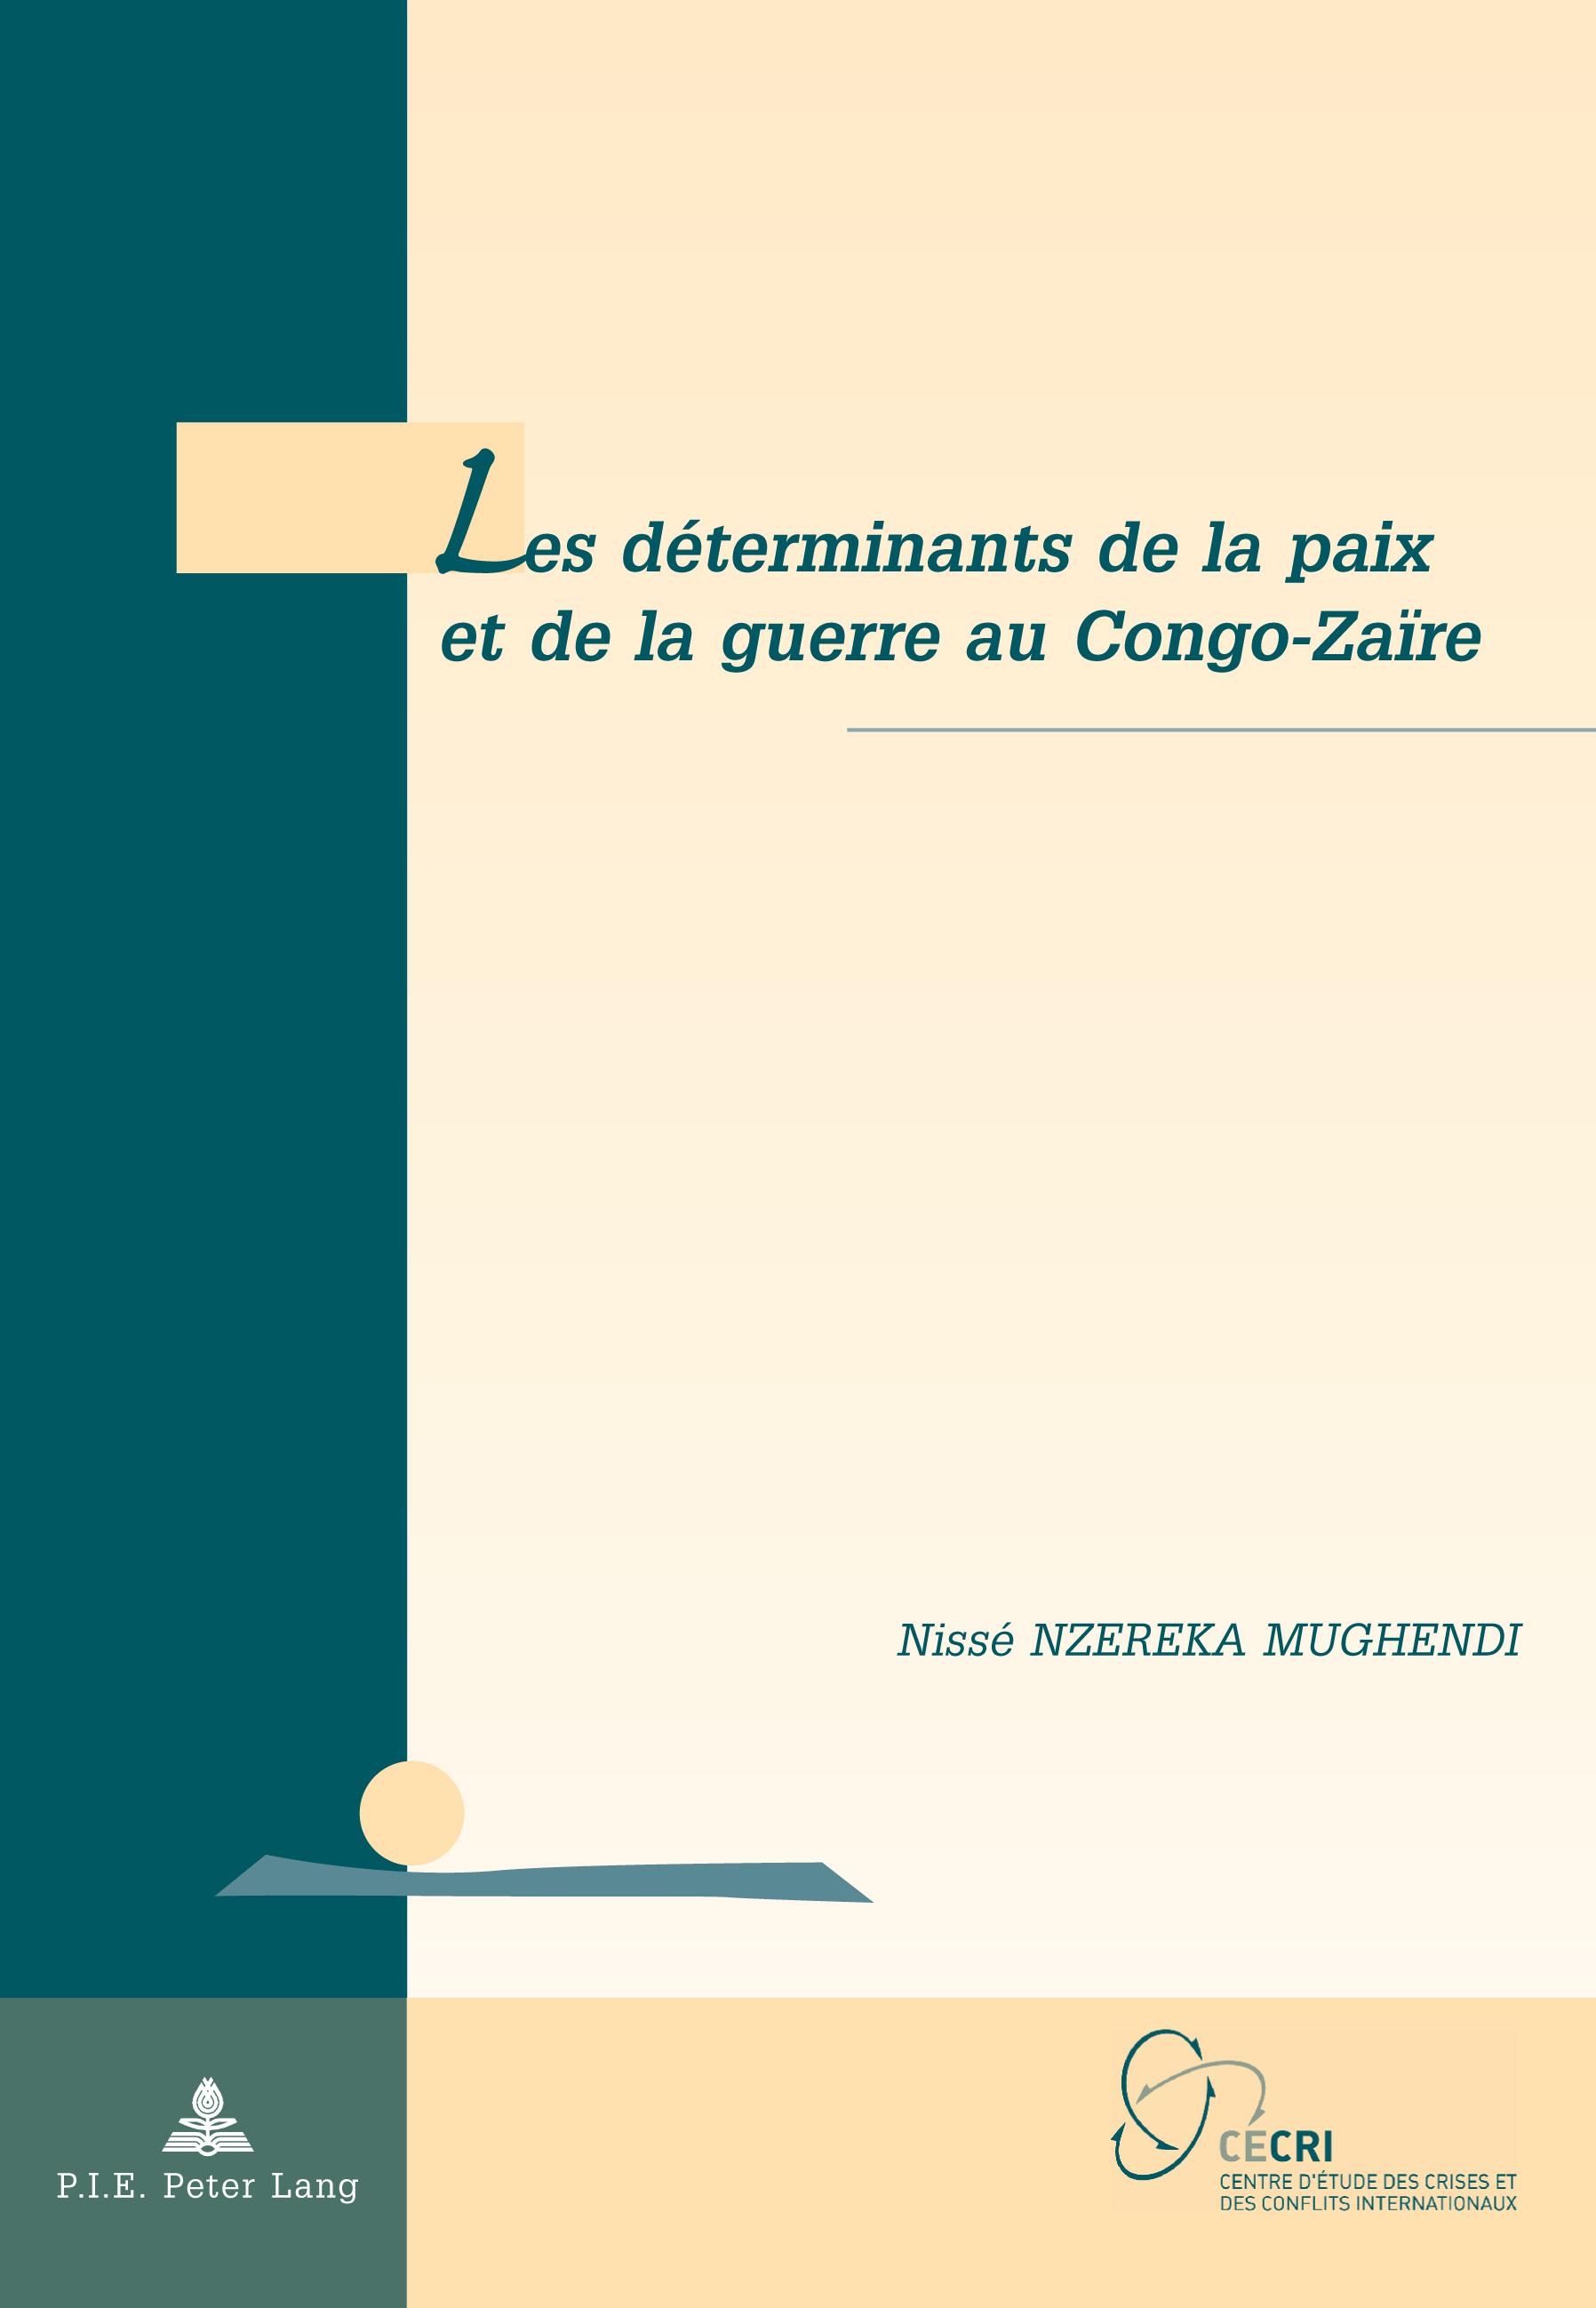 LES DETERMINANTS DE LA PAIX ET DE LA GUERRE AU CONGO-ZAIRE